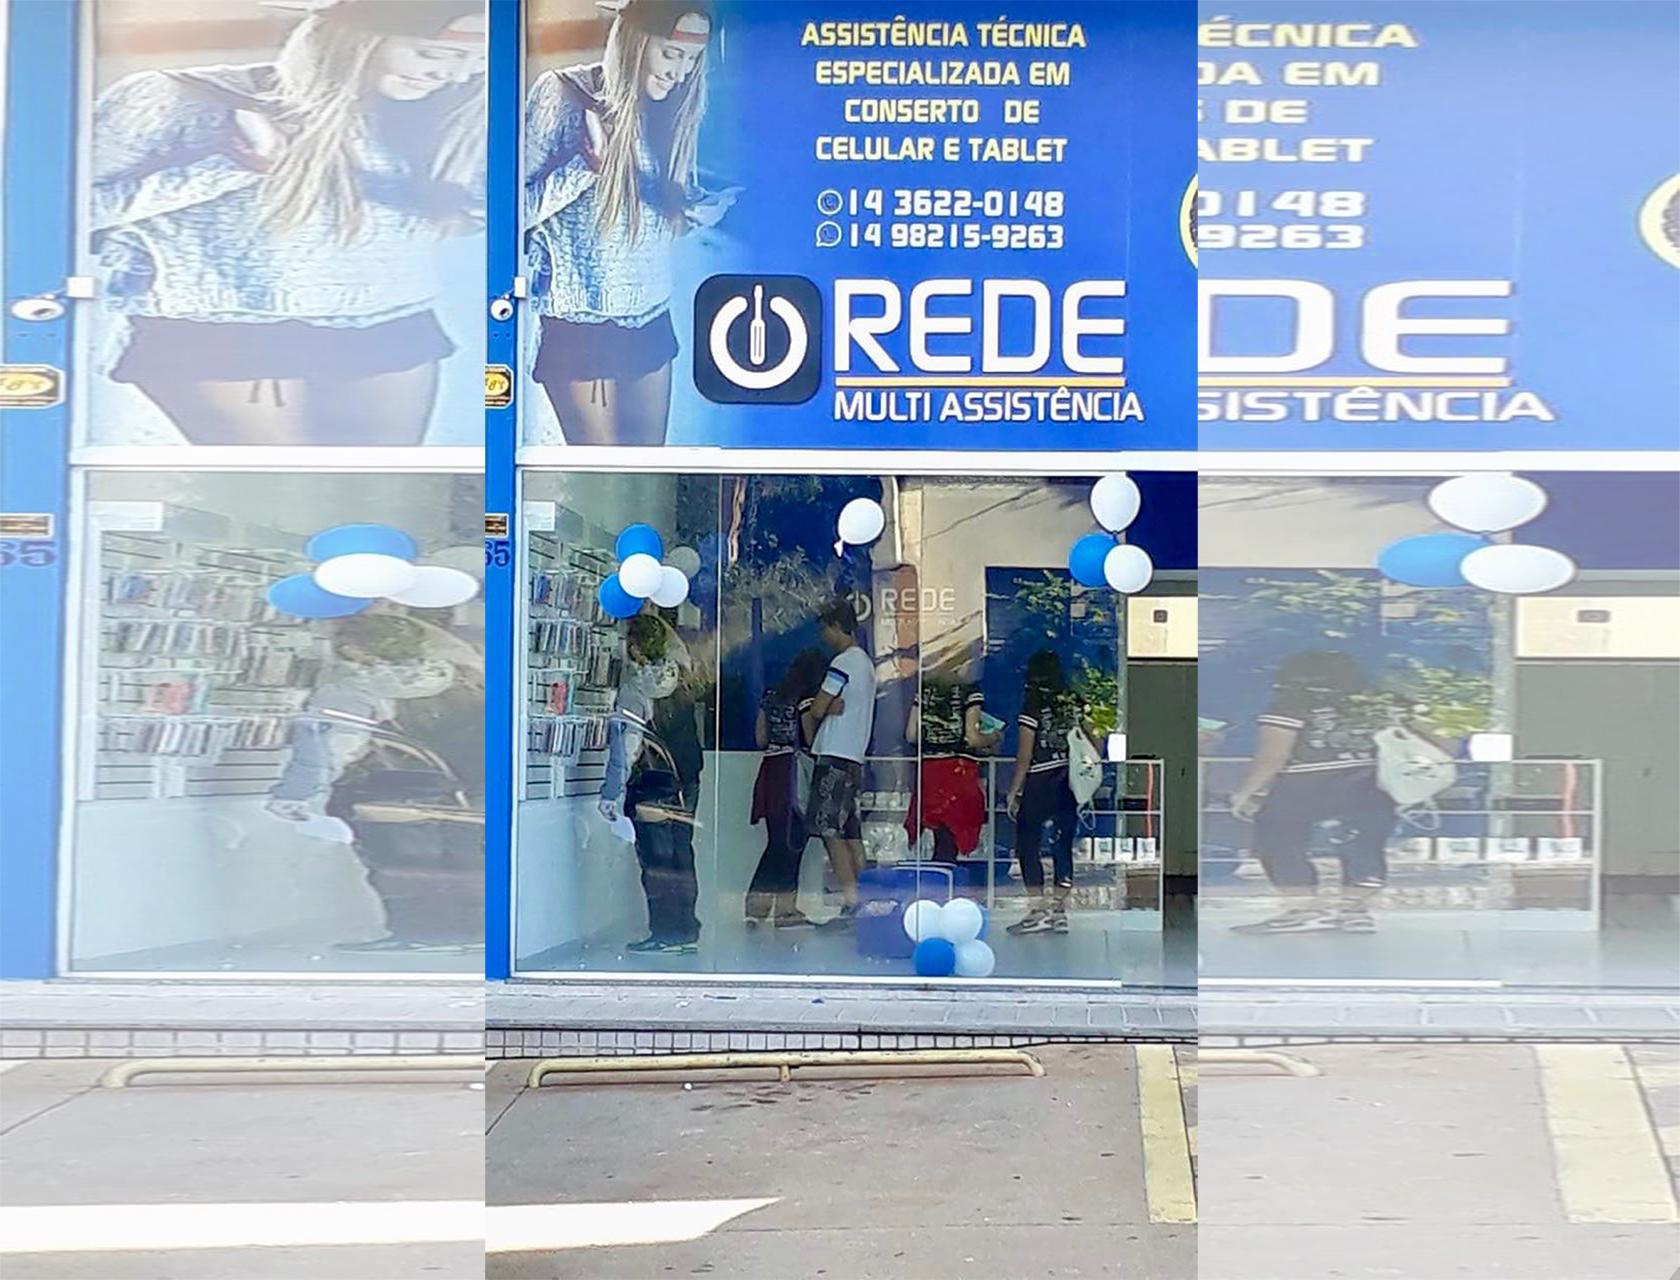 eec2891ec8b Assistência Técnica de Celular em Jaú SP - FAÇA UM ORÇAMENTO